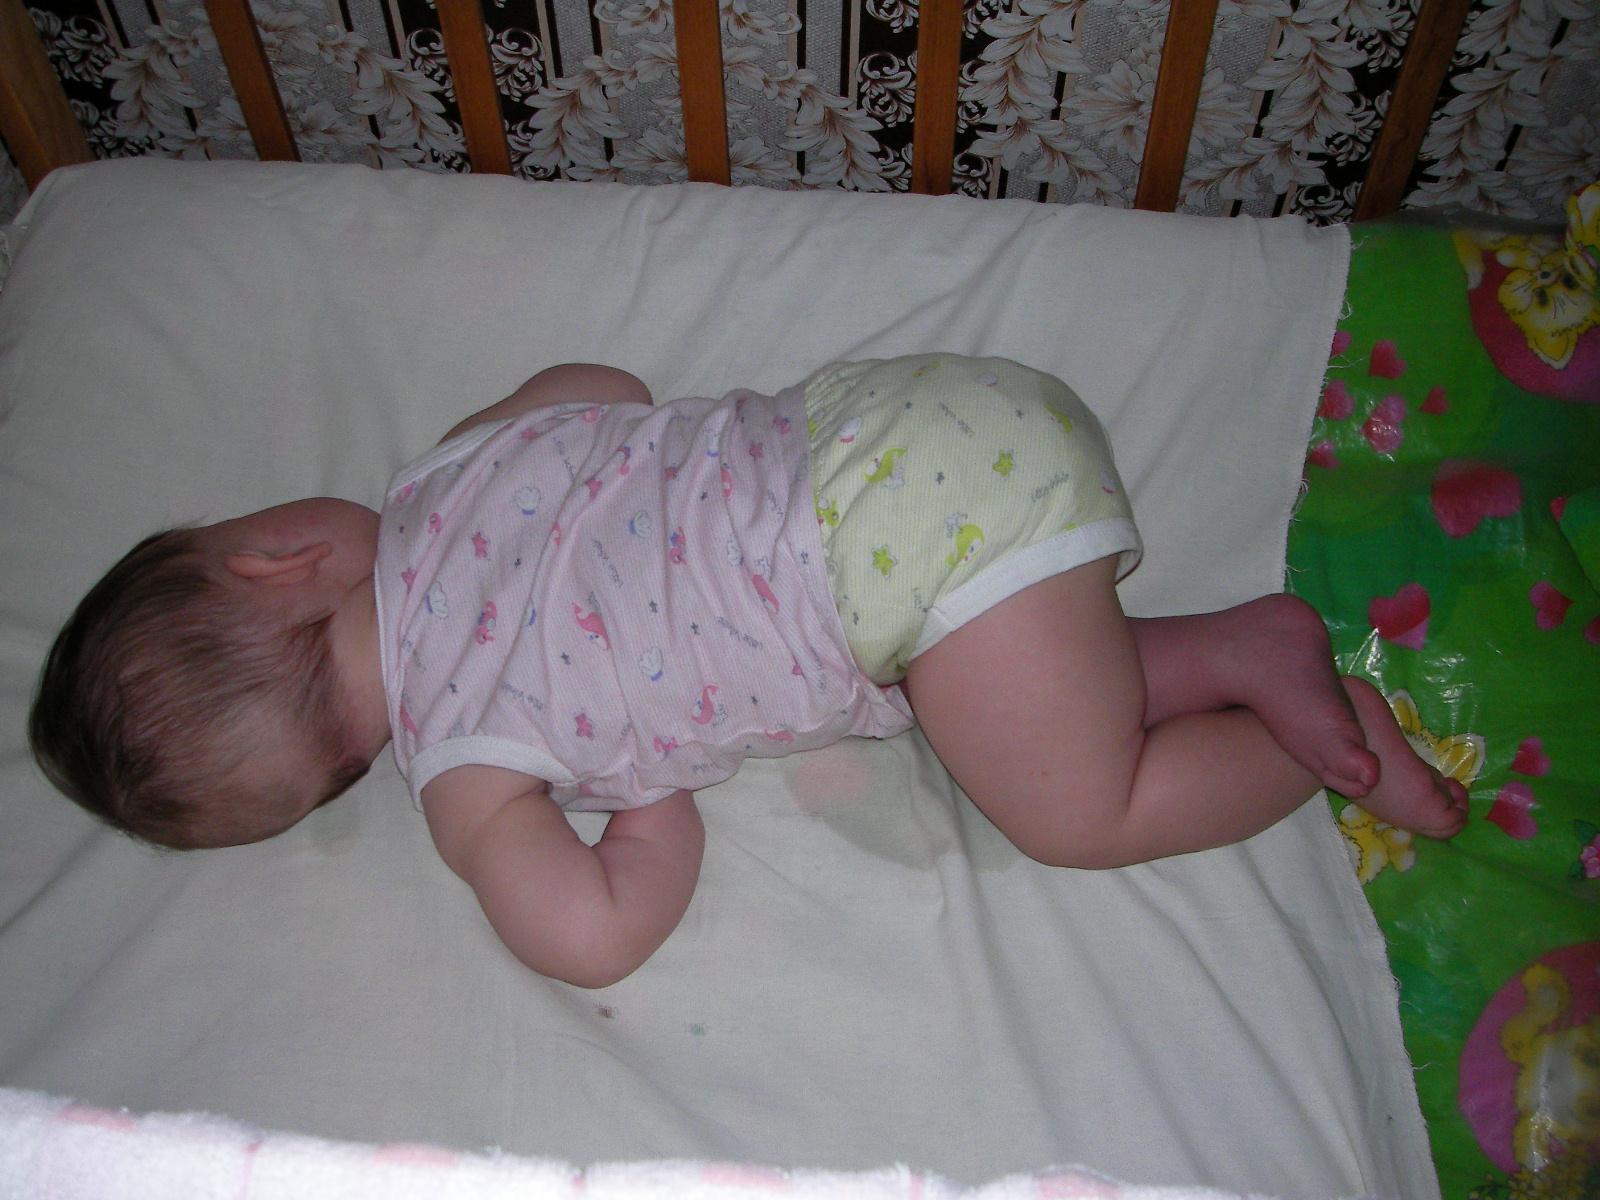 Новорожденный ребенок тужится и кряхтит